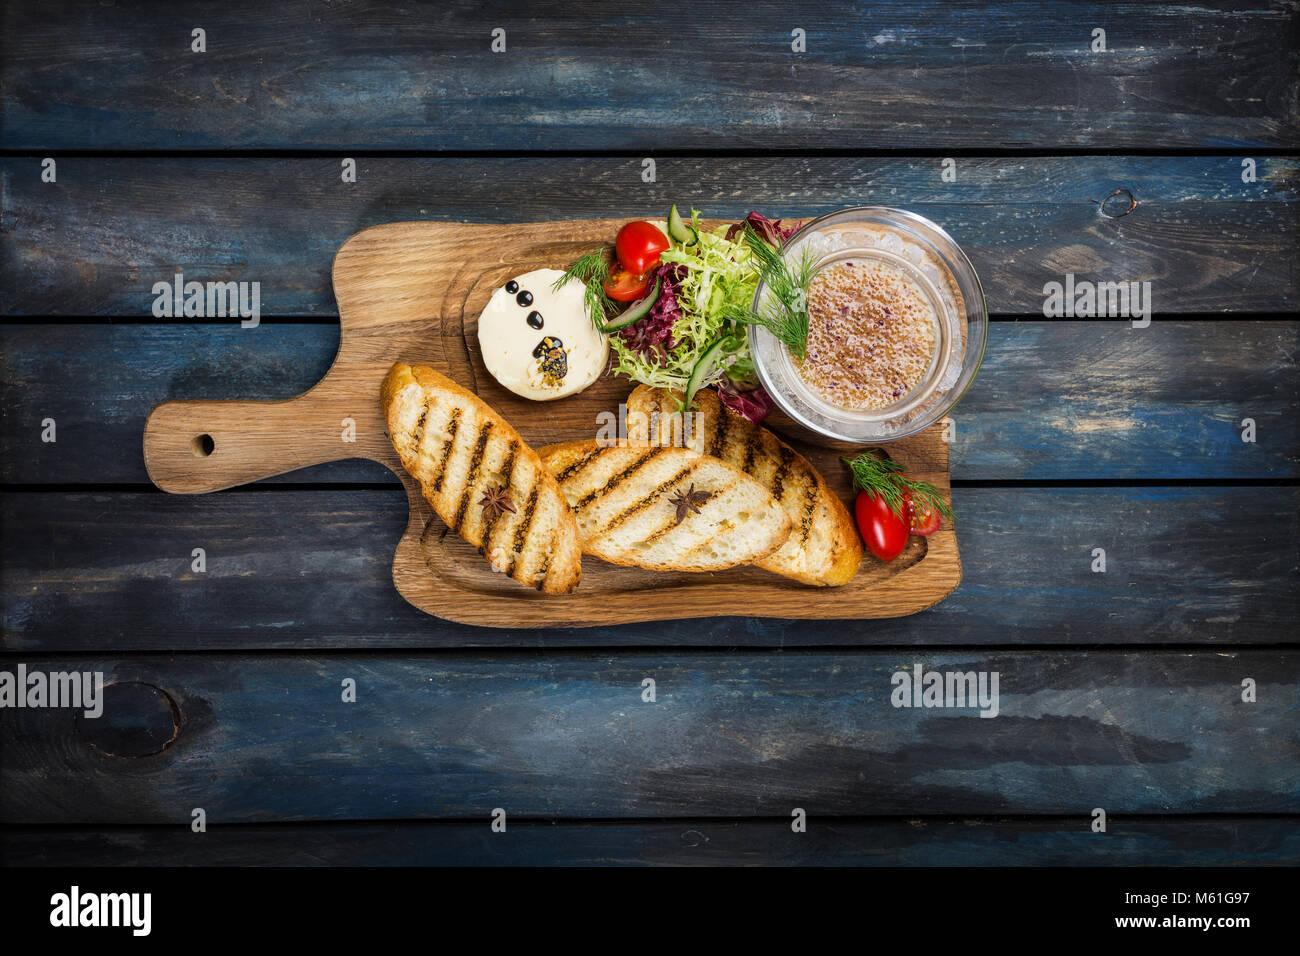 Tostadas con mantequilla y caviar sobre un fondo de madera Imagen De Stock